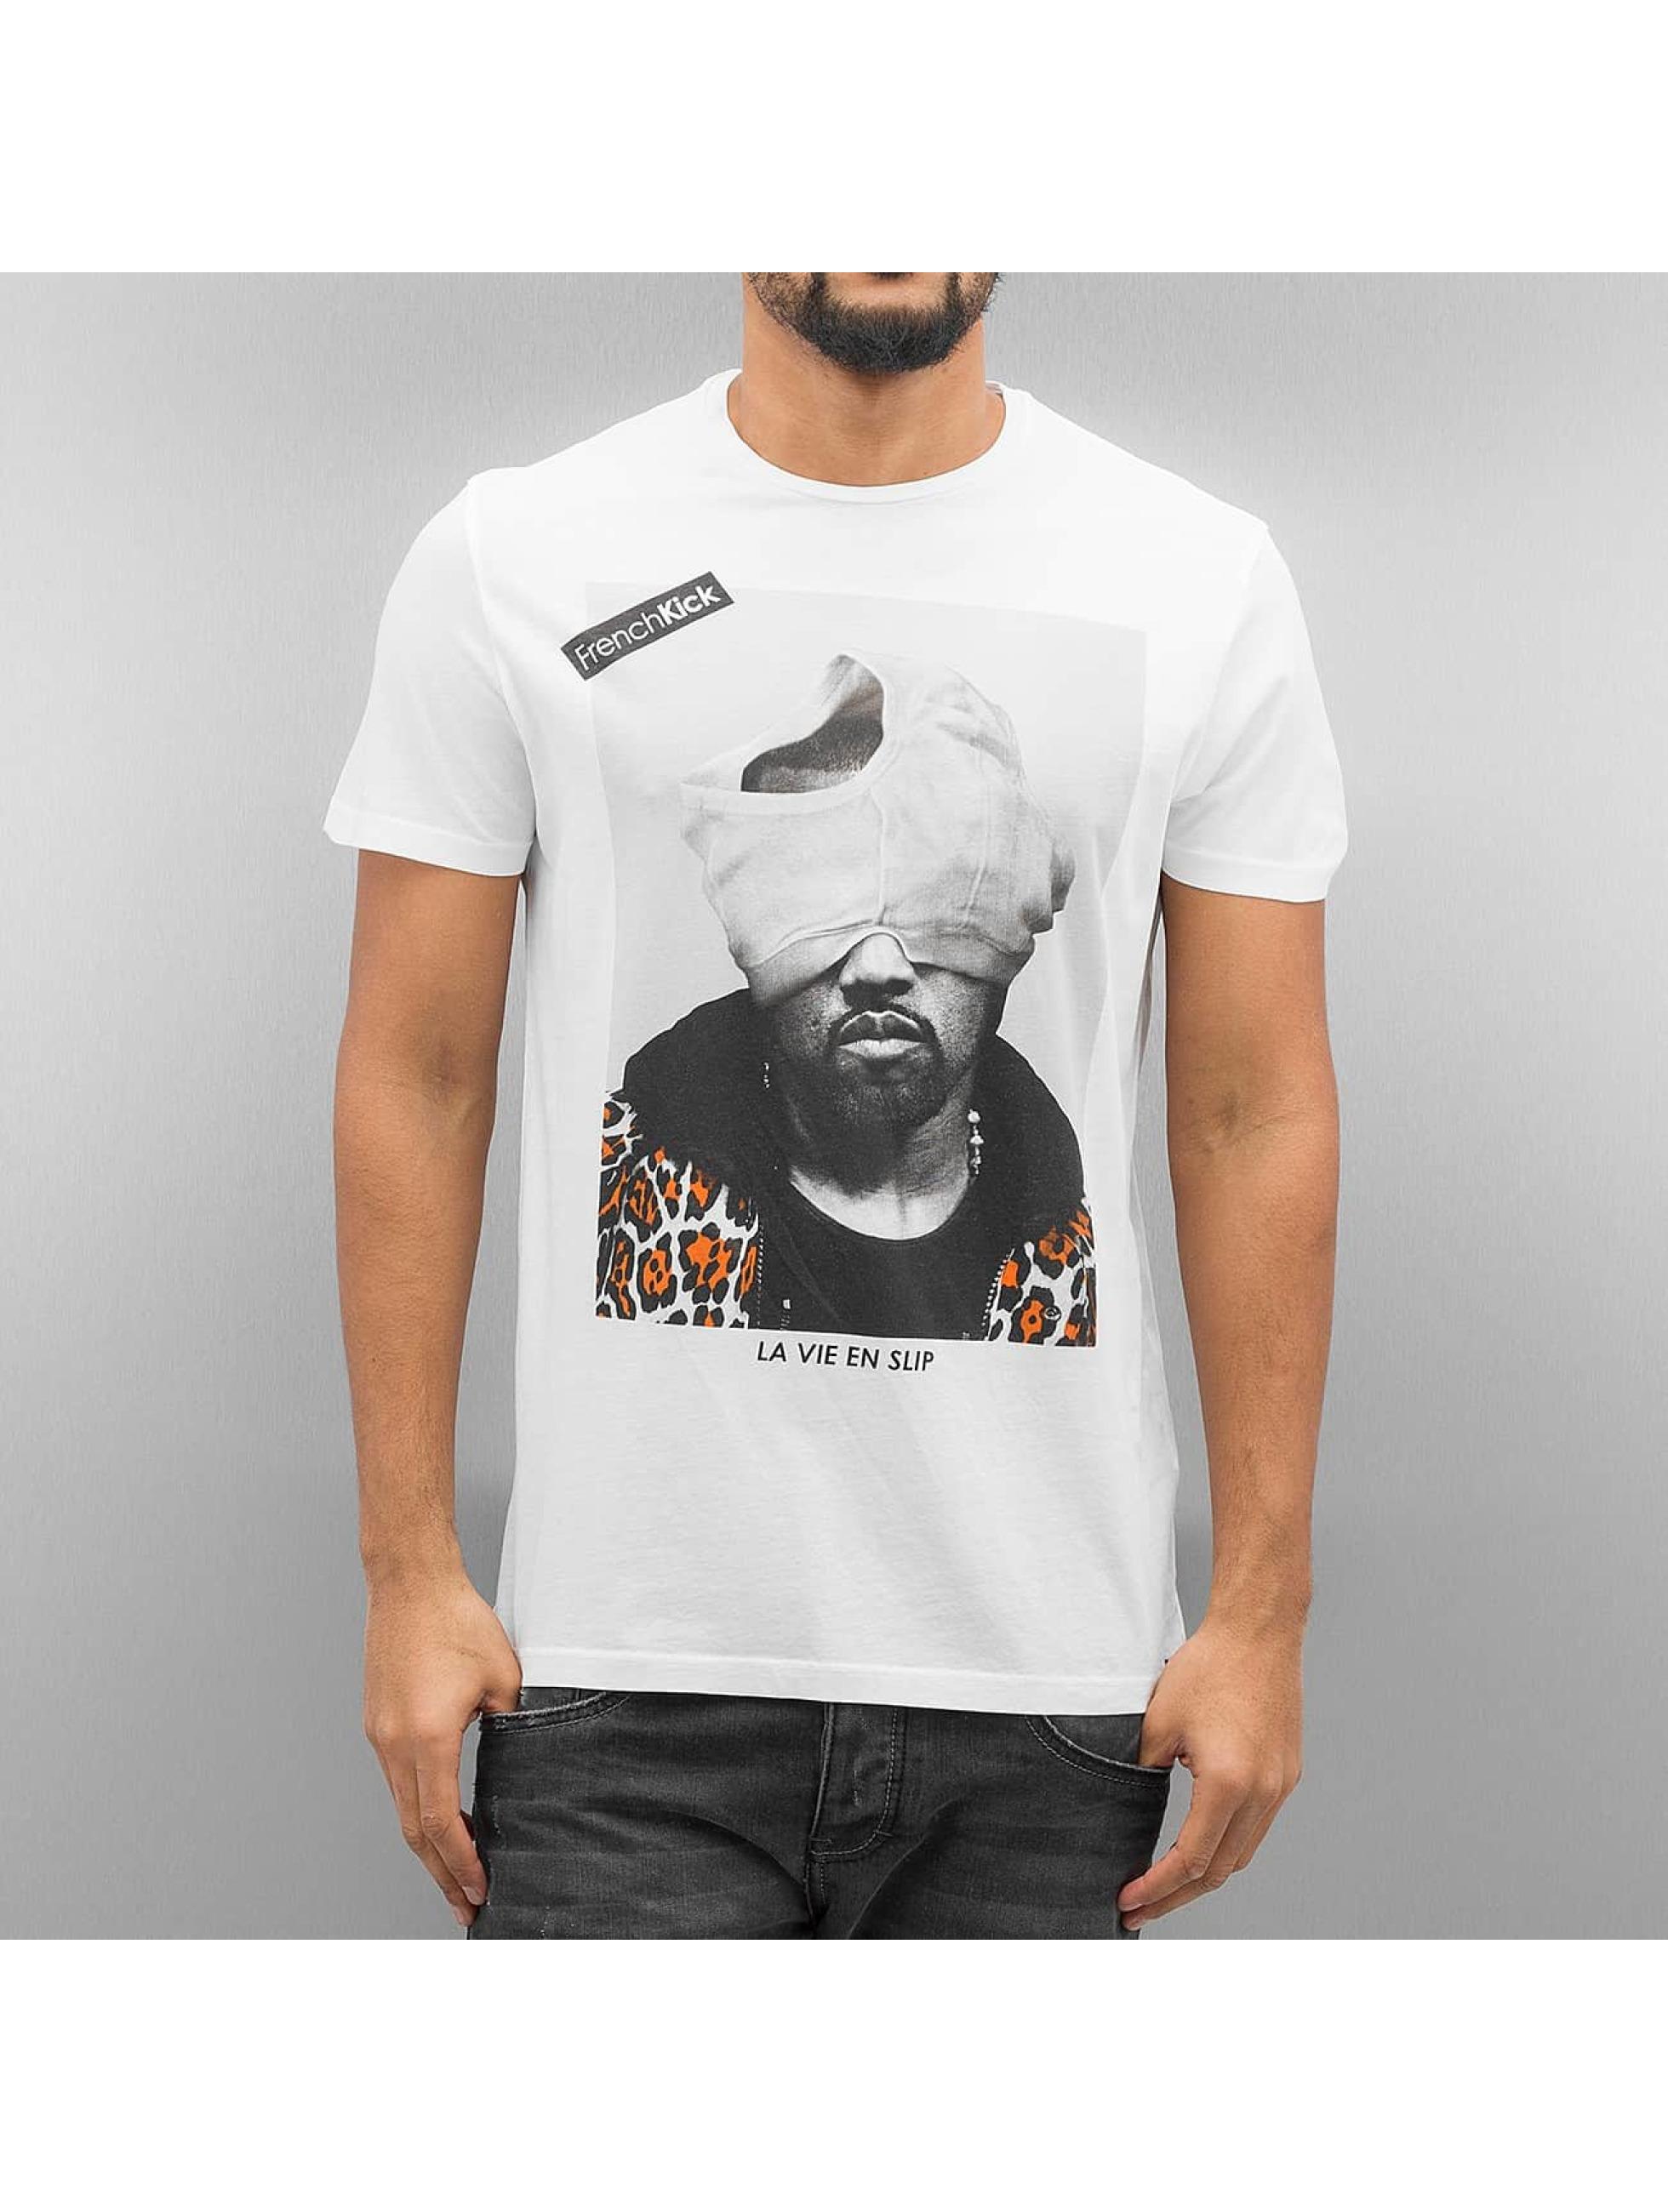 French Kick T-Shirt Kaka white